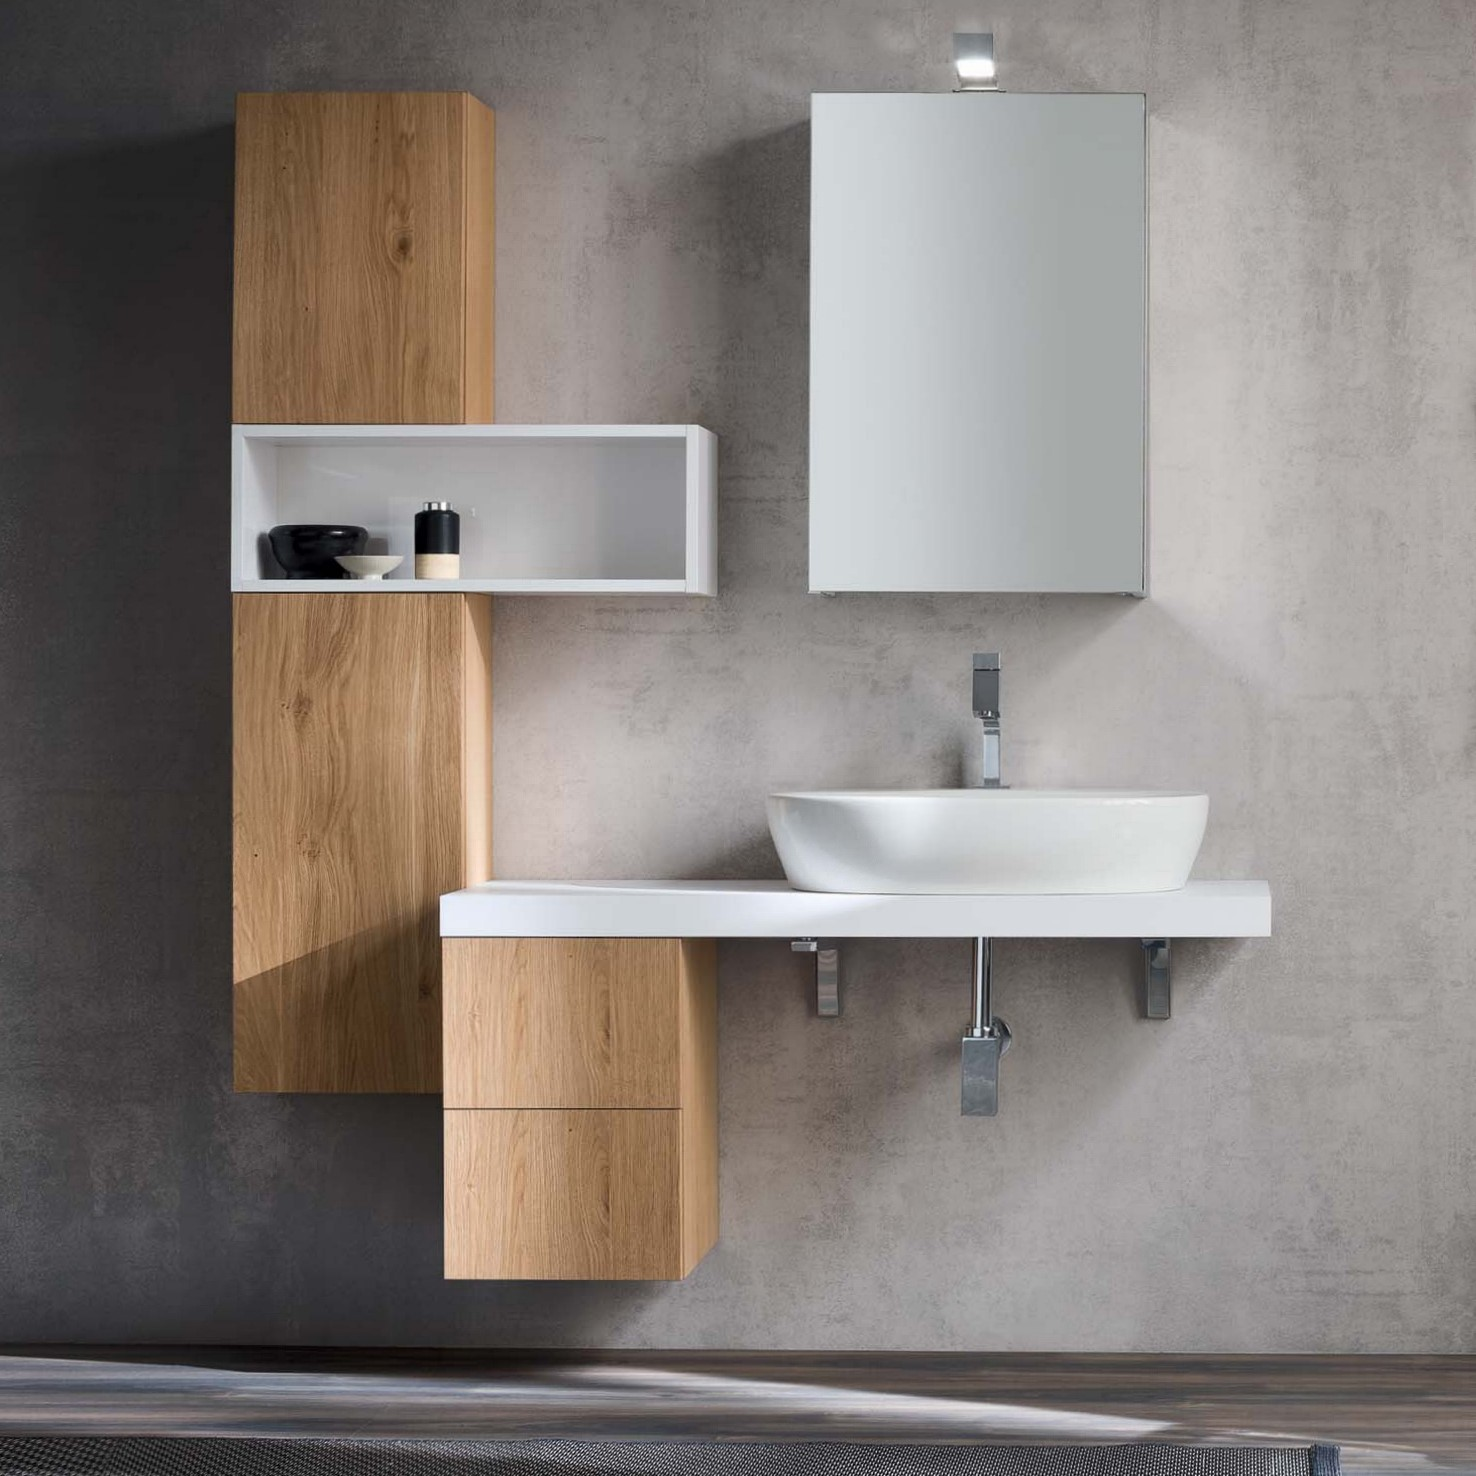 Idee mobile bagno moderno una mensola per il lavabo arredaclick - Lavabo angolare bagno ...